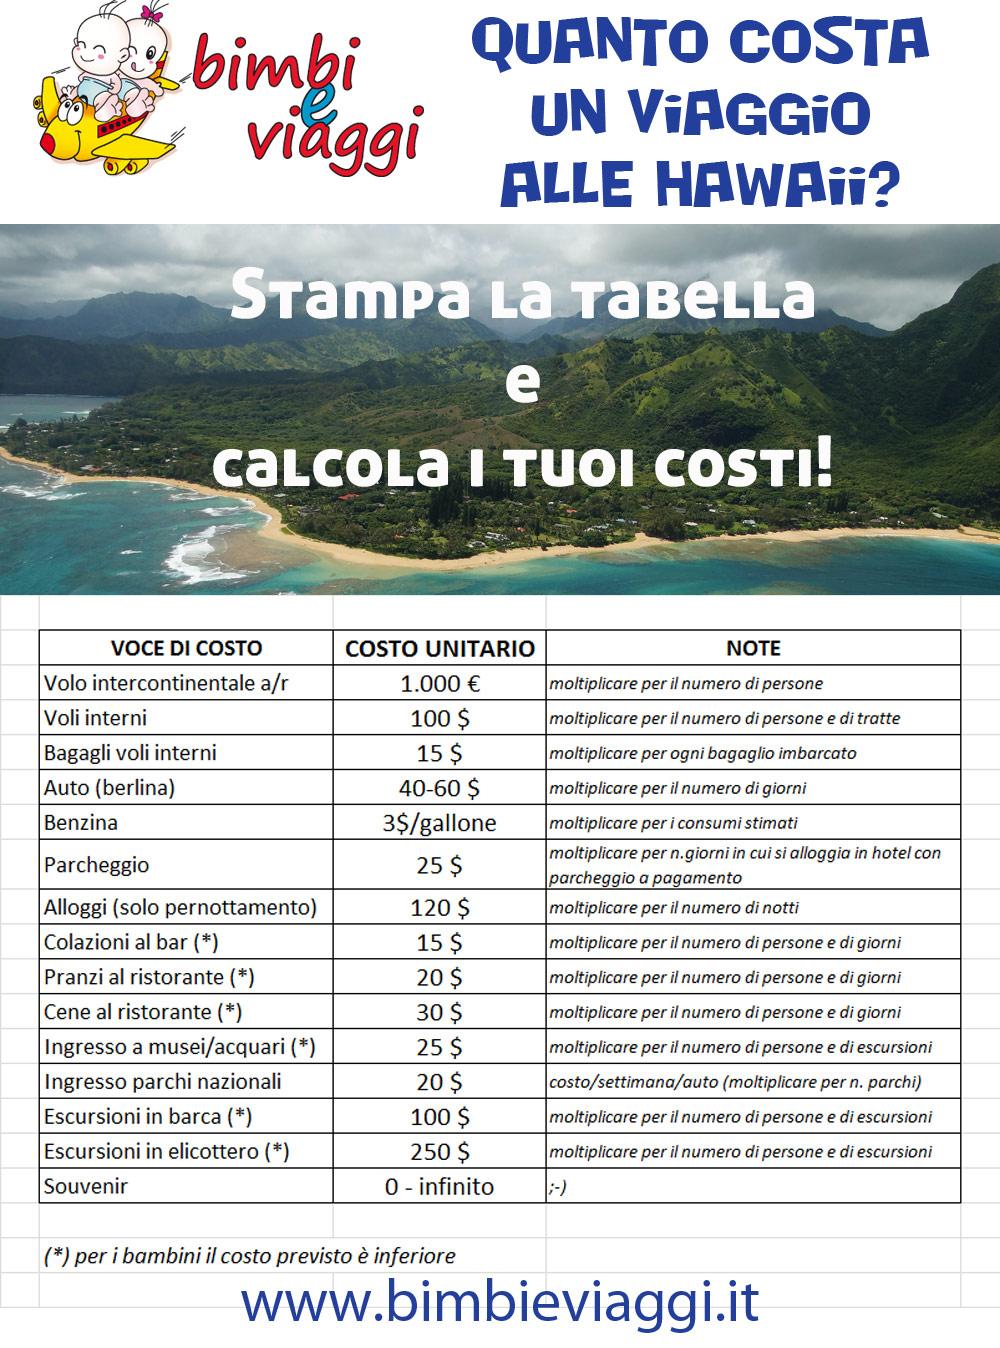 Quanto costa un viaggio alle Hawaii La guida completa